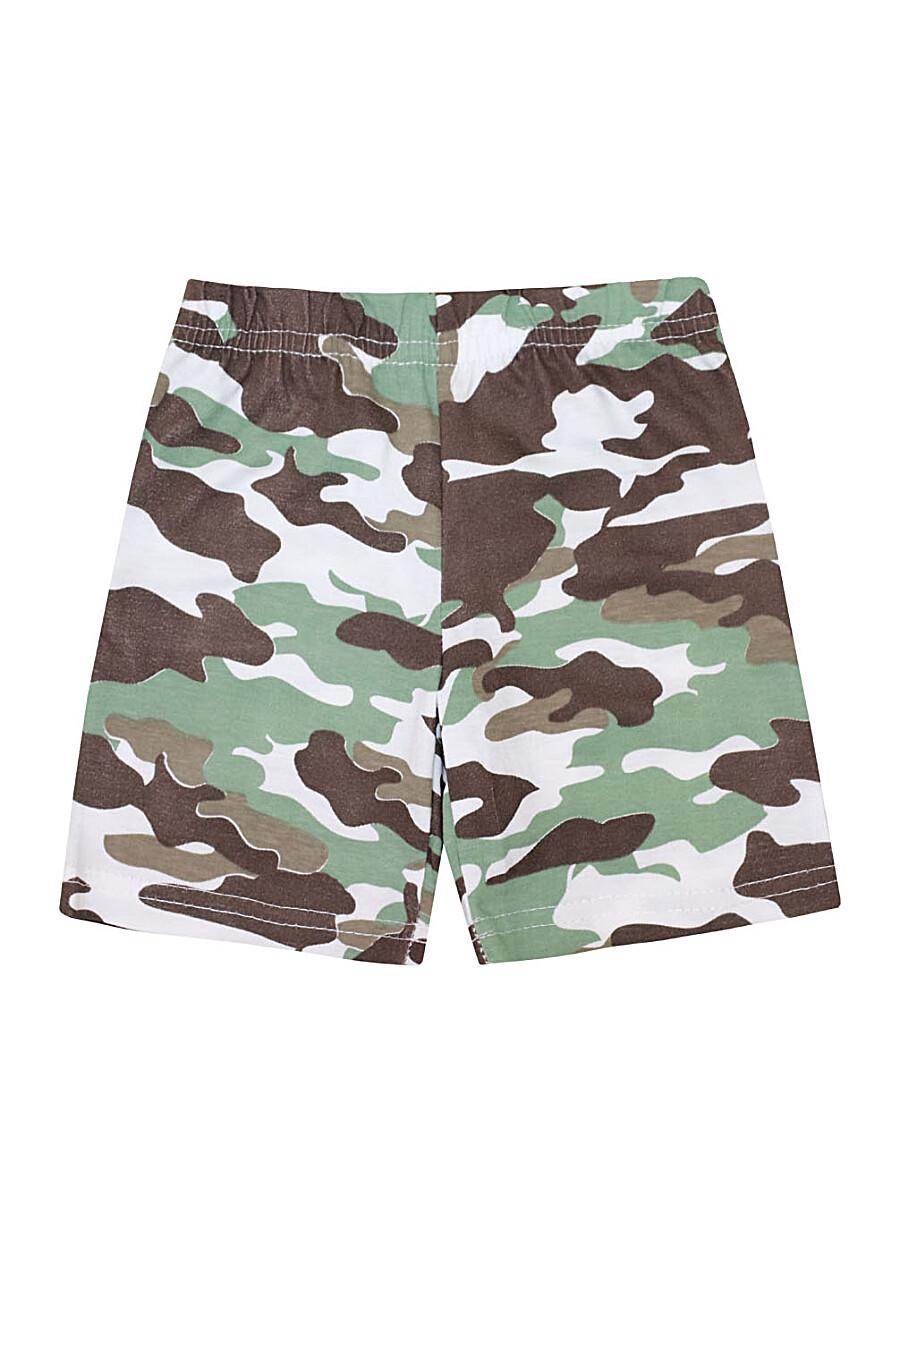 Пижама (Футболка+Шорты) для мальчиков КОТМАРКОТ 184656 купить оптом от производителя. Совместная покупка детской одежды в OptMoyo